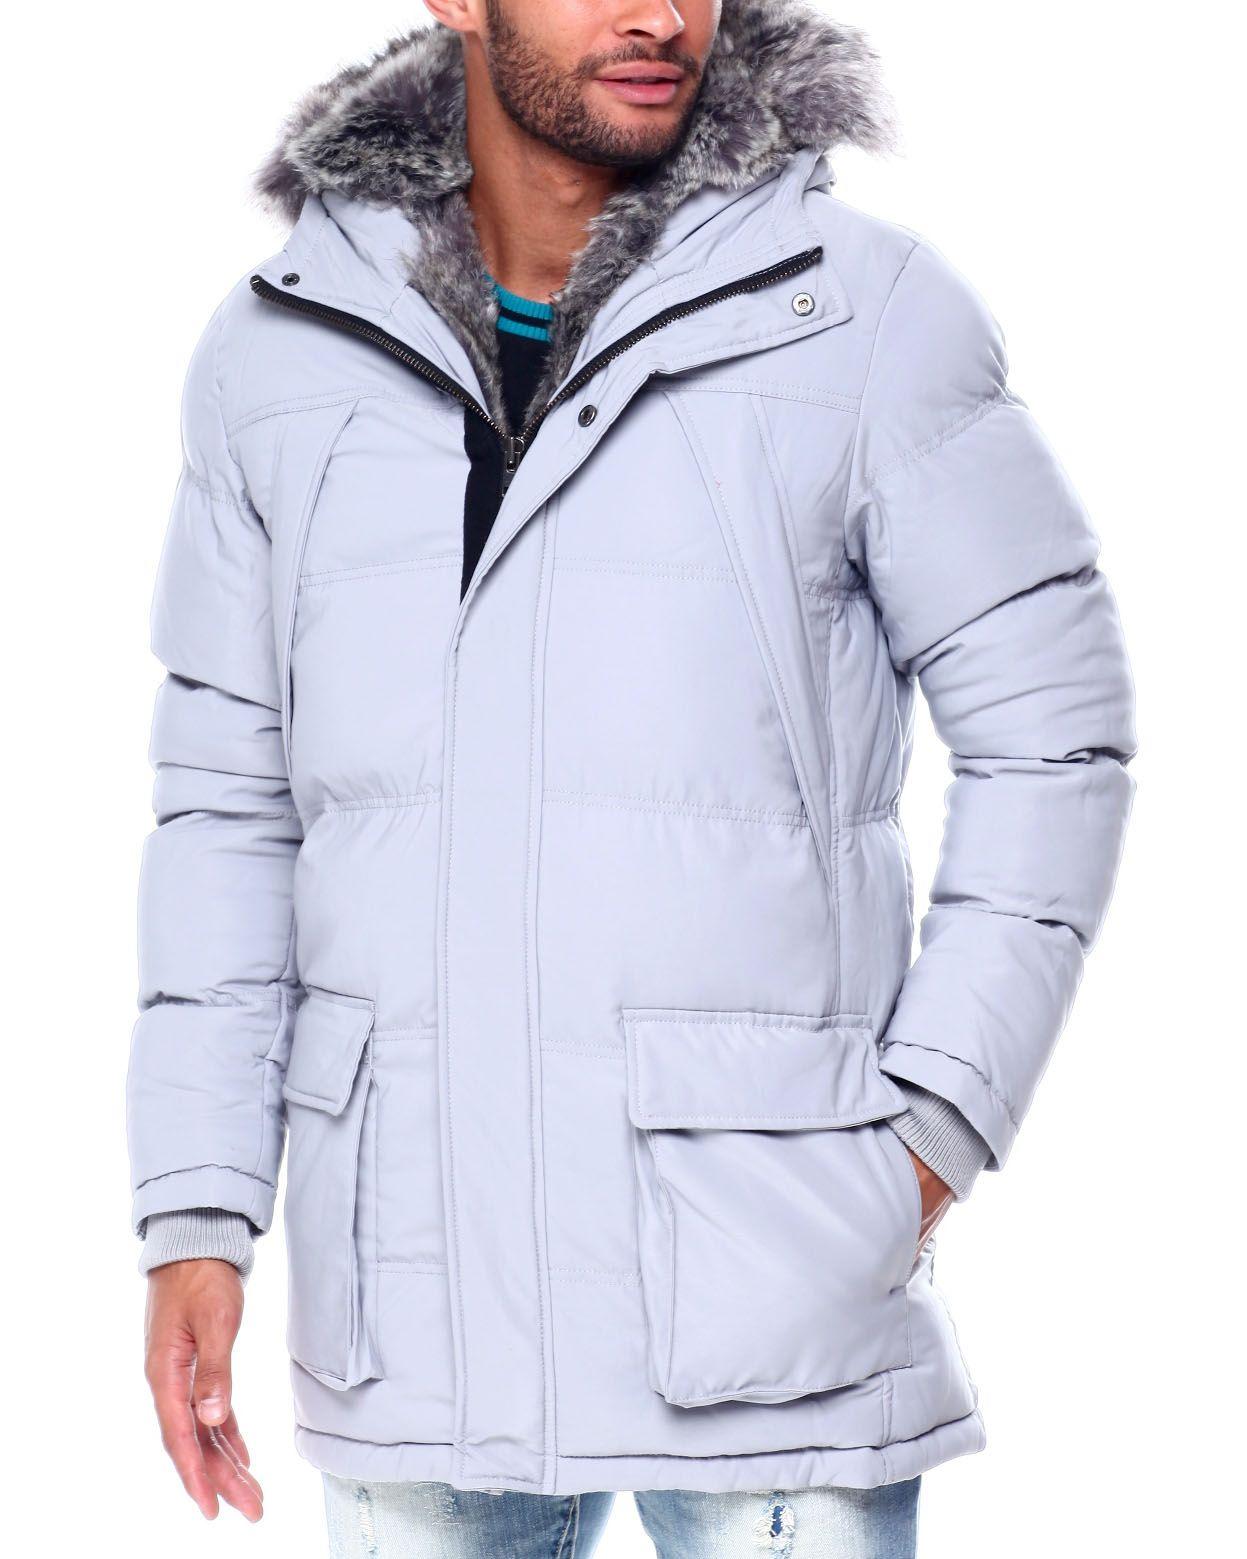 Buy Puffer coat w Faux Fur Trim Hood Men's Outerwear from